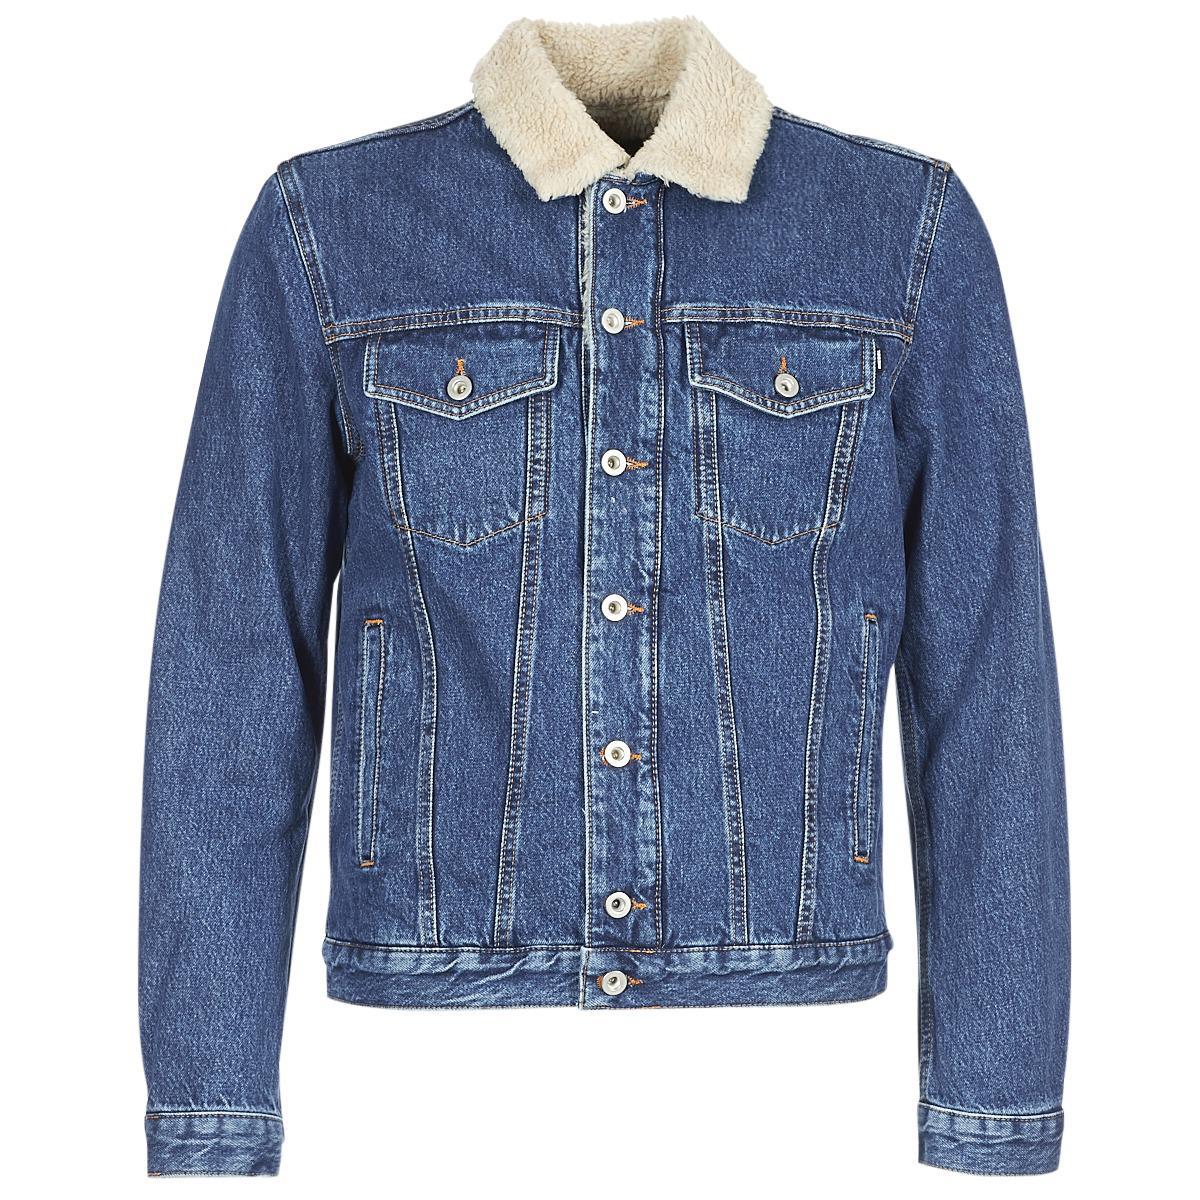 facca3306eaf4 DIESEL D Gioc Fur Men s Jacket In Blue in Blue for Men - Save 13% - Lyst